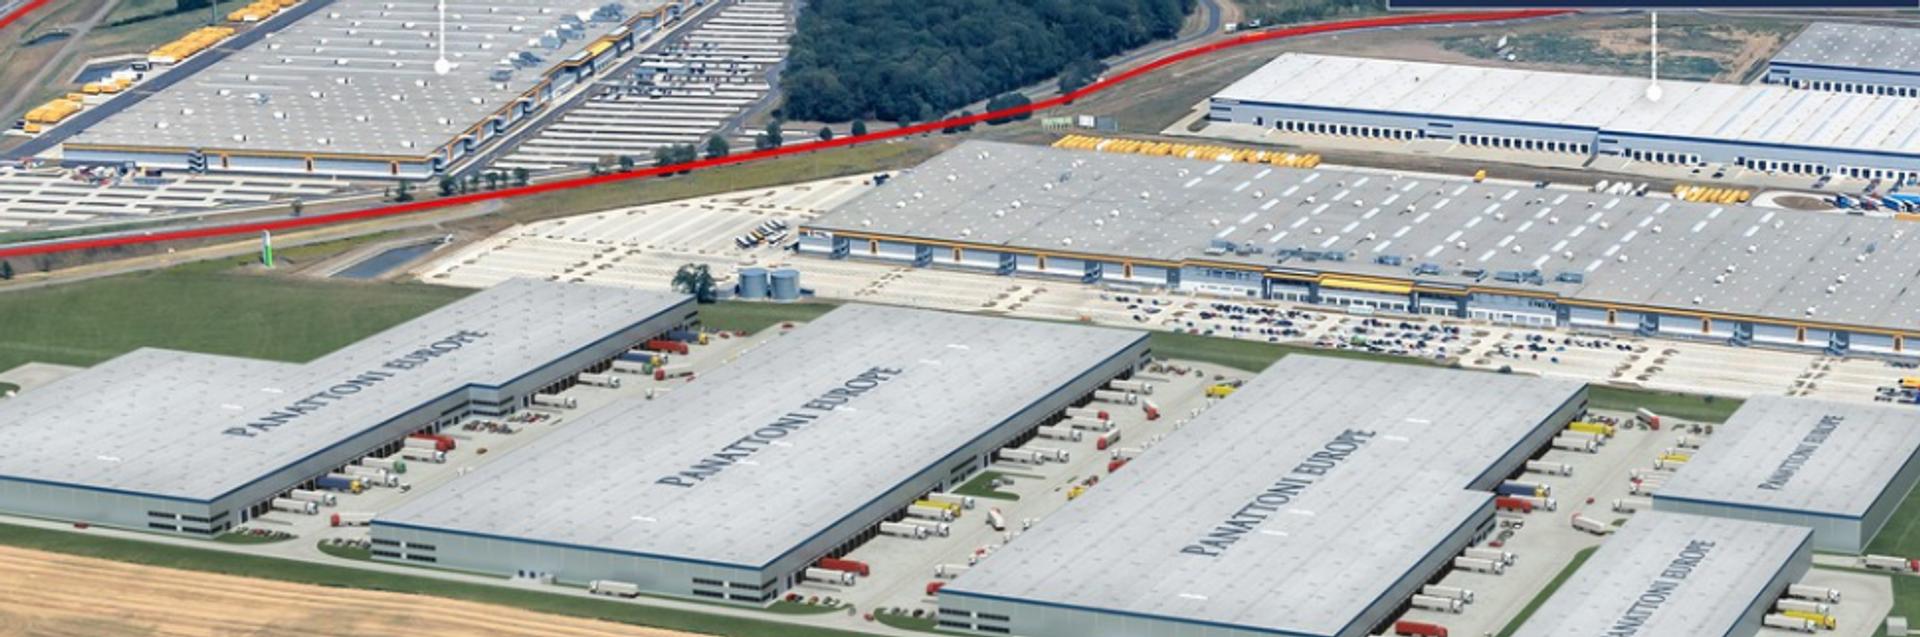 [Wrocław] Panattoni wybuduje nowe wielkie centrum dystrybucyjno-magazynowe